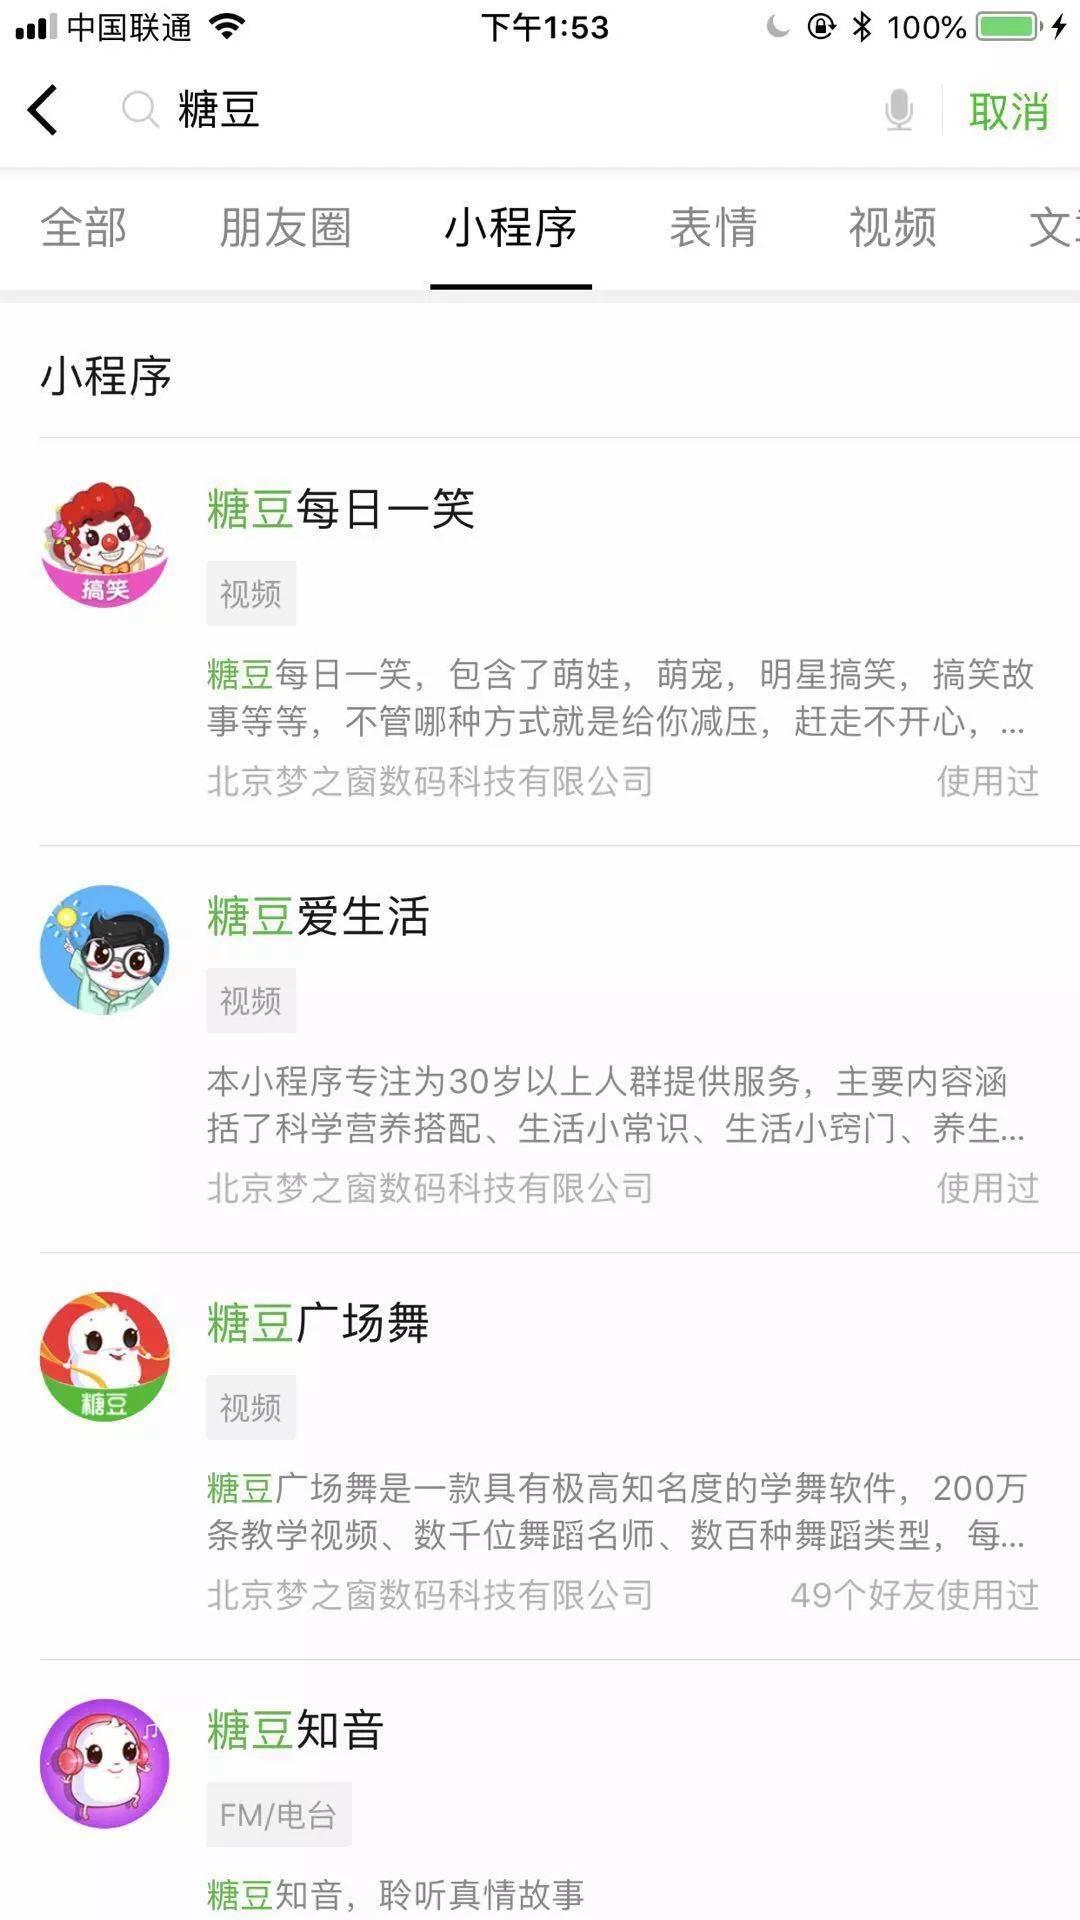 鸟哥笔记,新媒体运营,杨昊,小程序,涨粉,标题